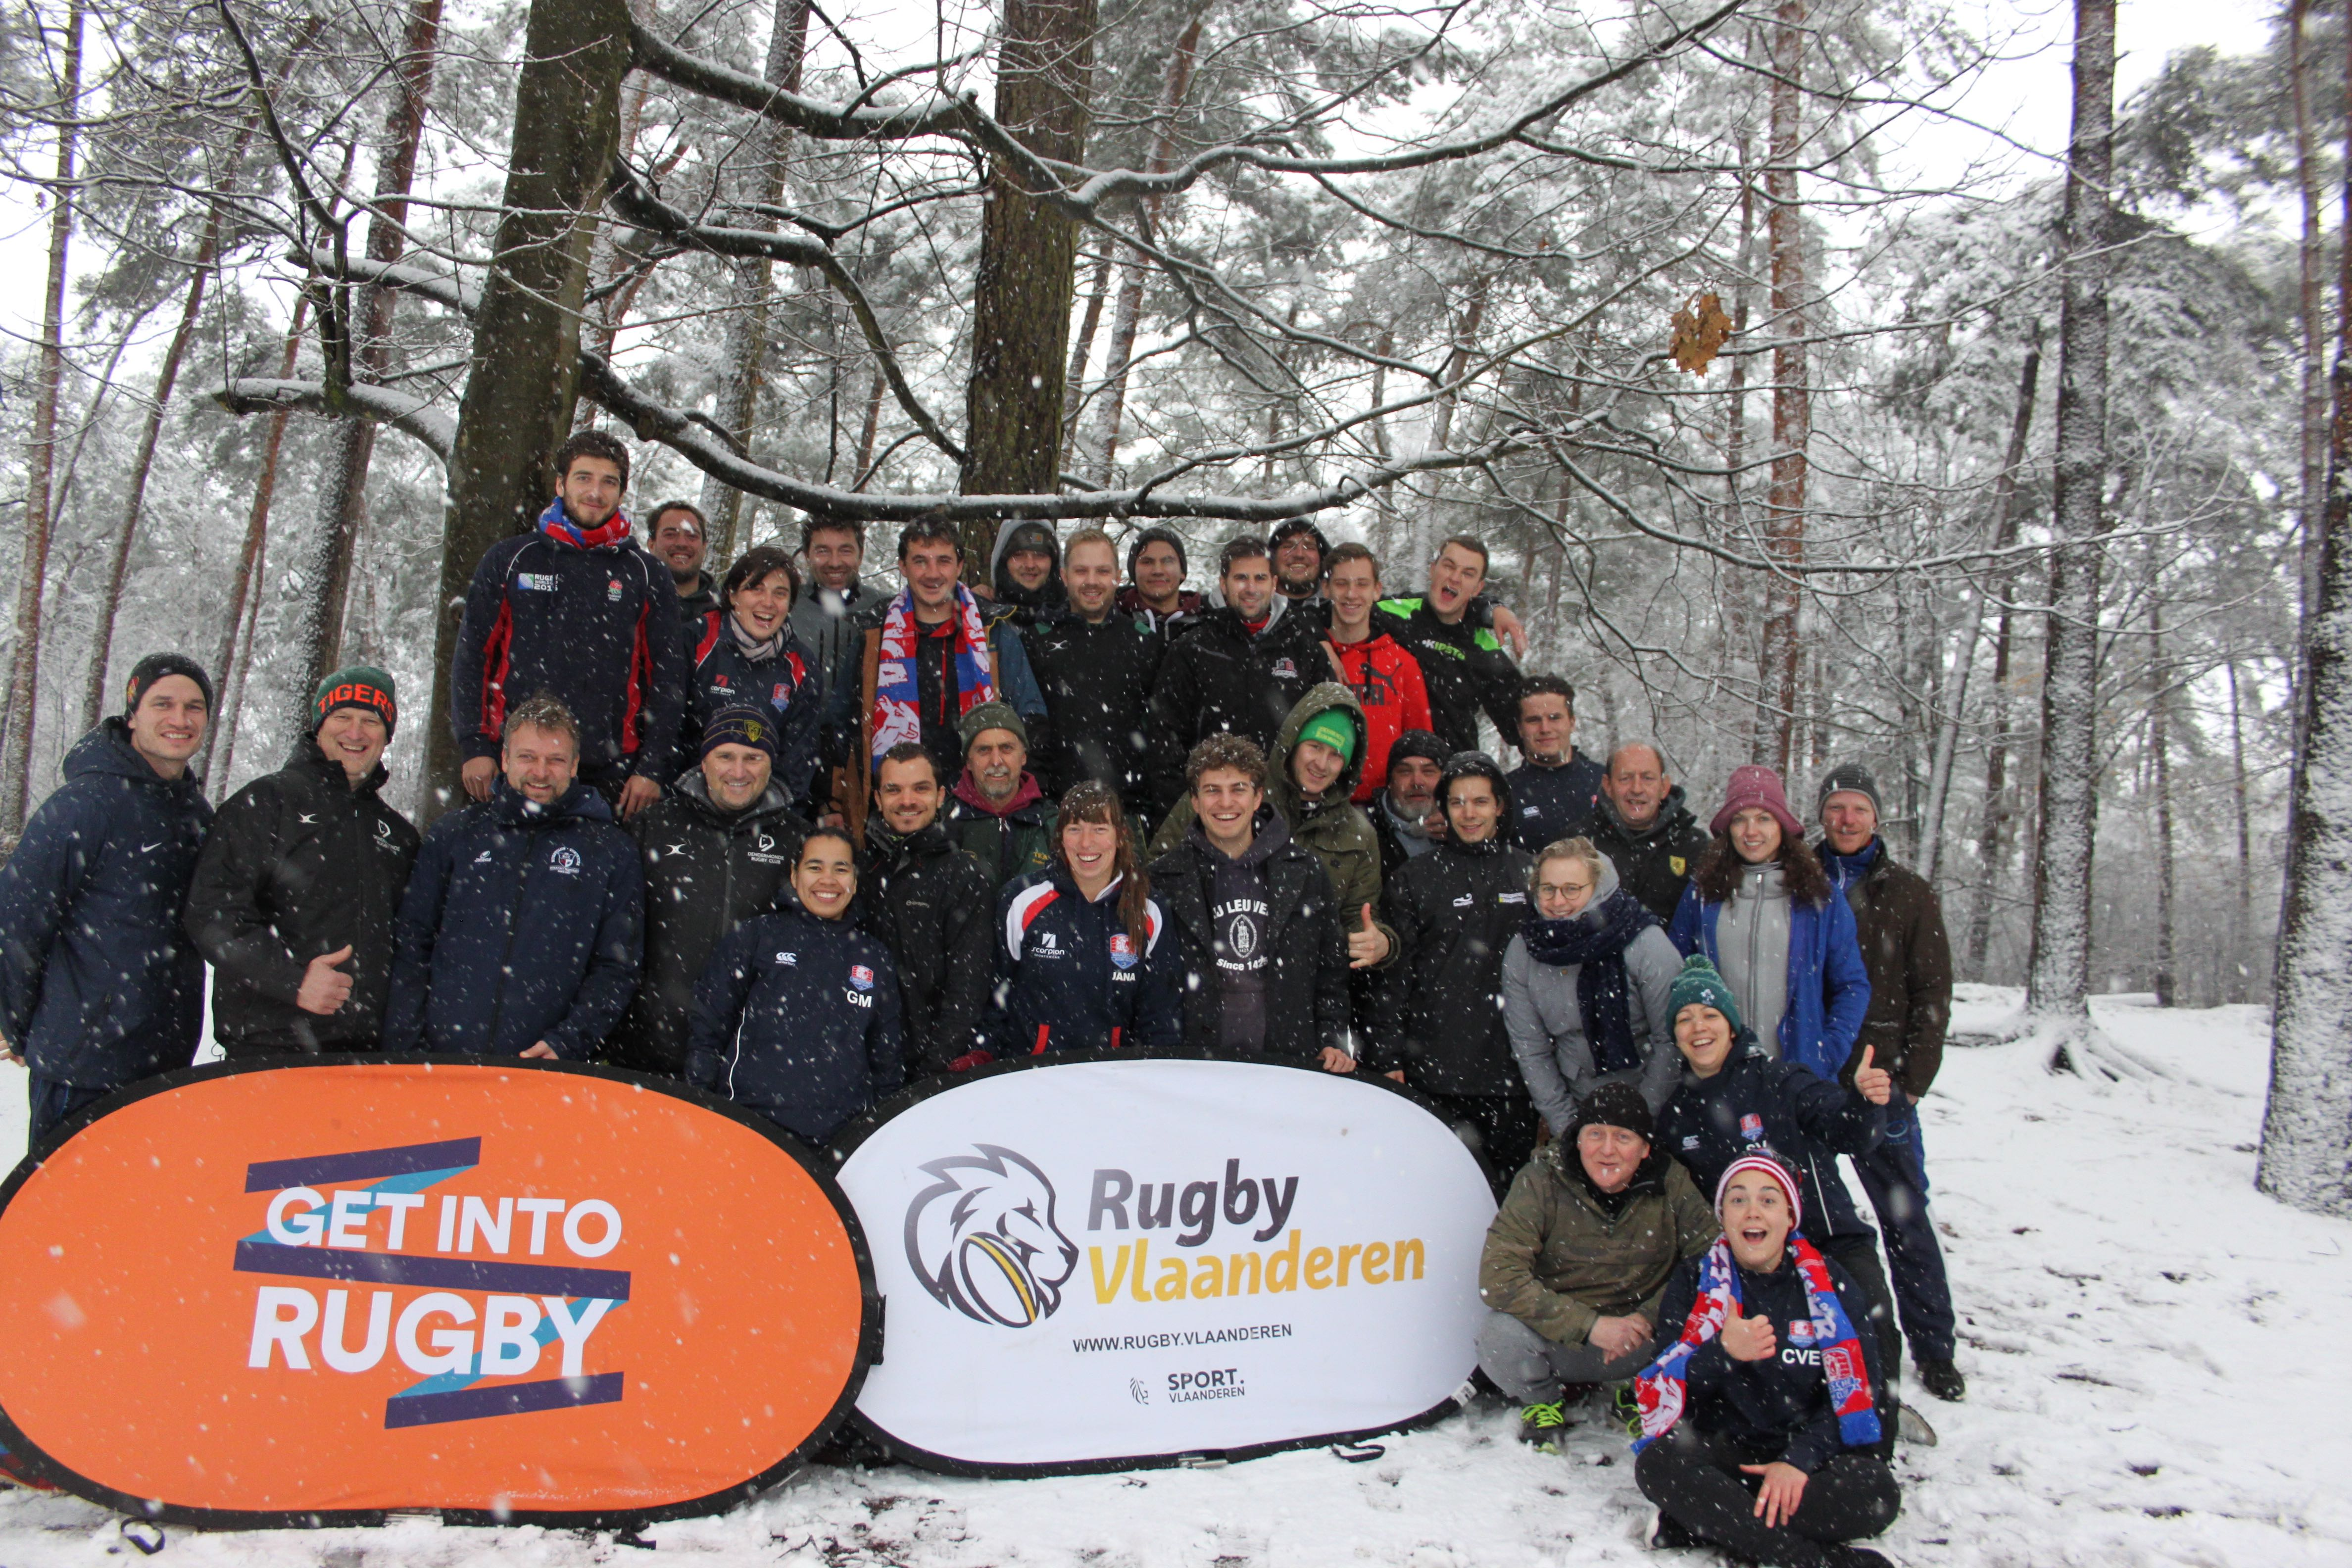 Initiator cursus rugby